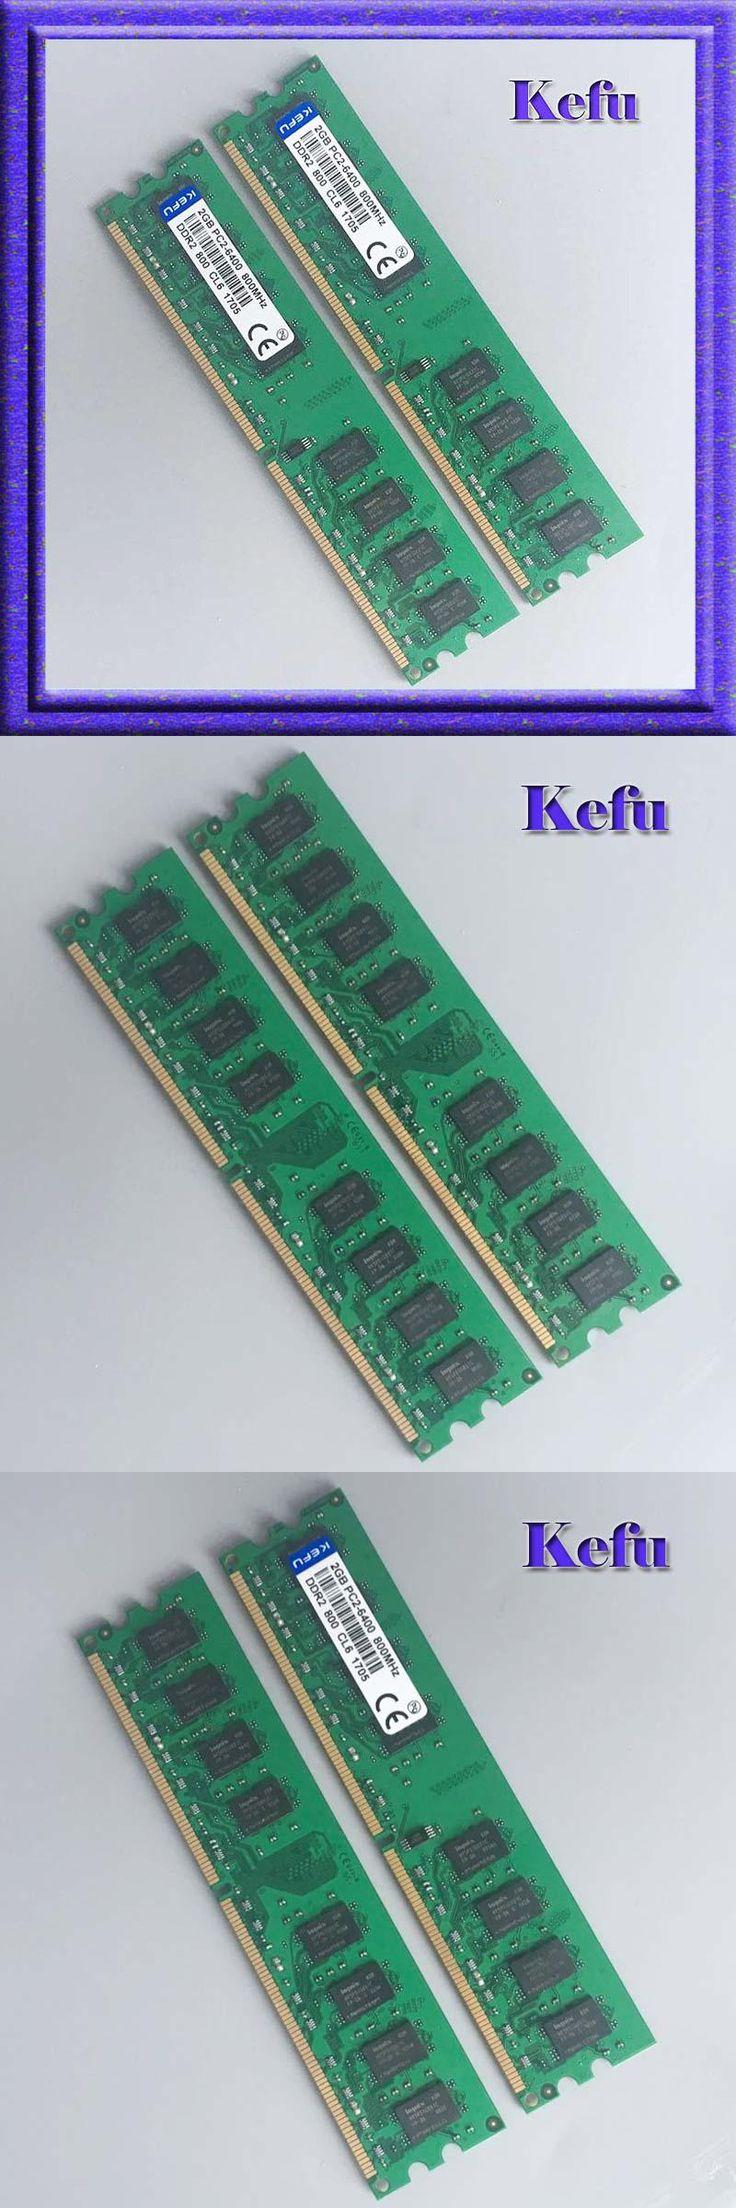 [Visit to Buy] 4G 2x2GB PC2-6400 DDR2 800 800Mhz 240pin DIMM Desktop Memory Low Density 4G RAM Upgrade Free Shipping #Advertisement